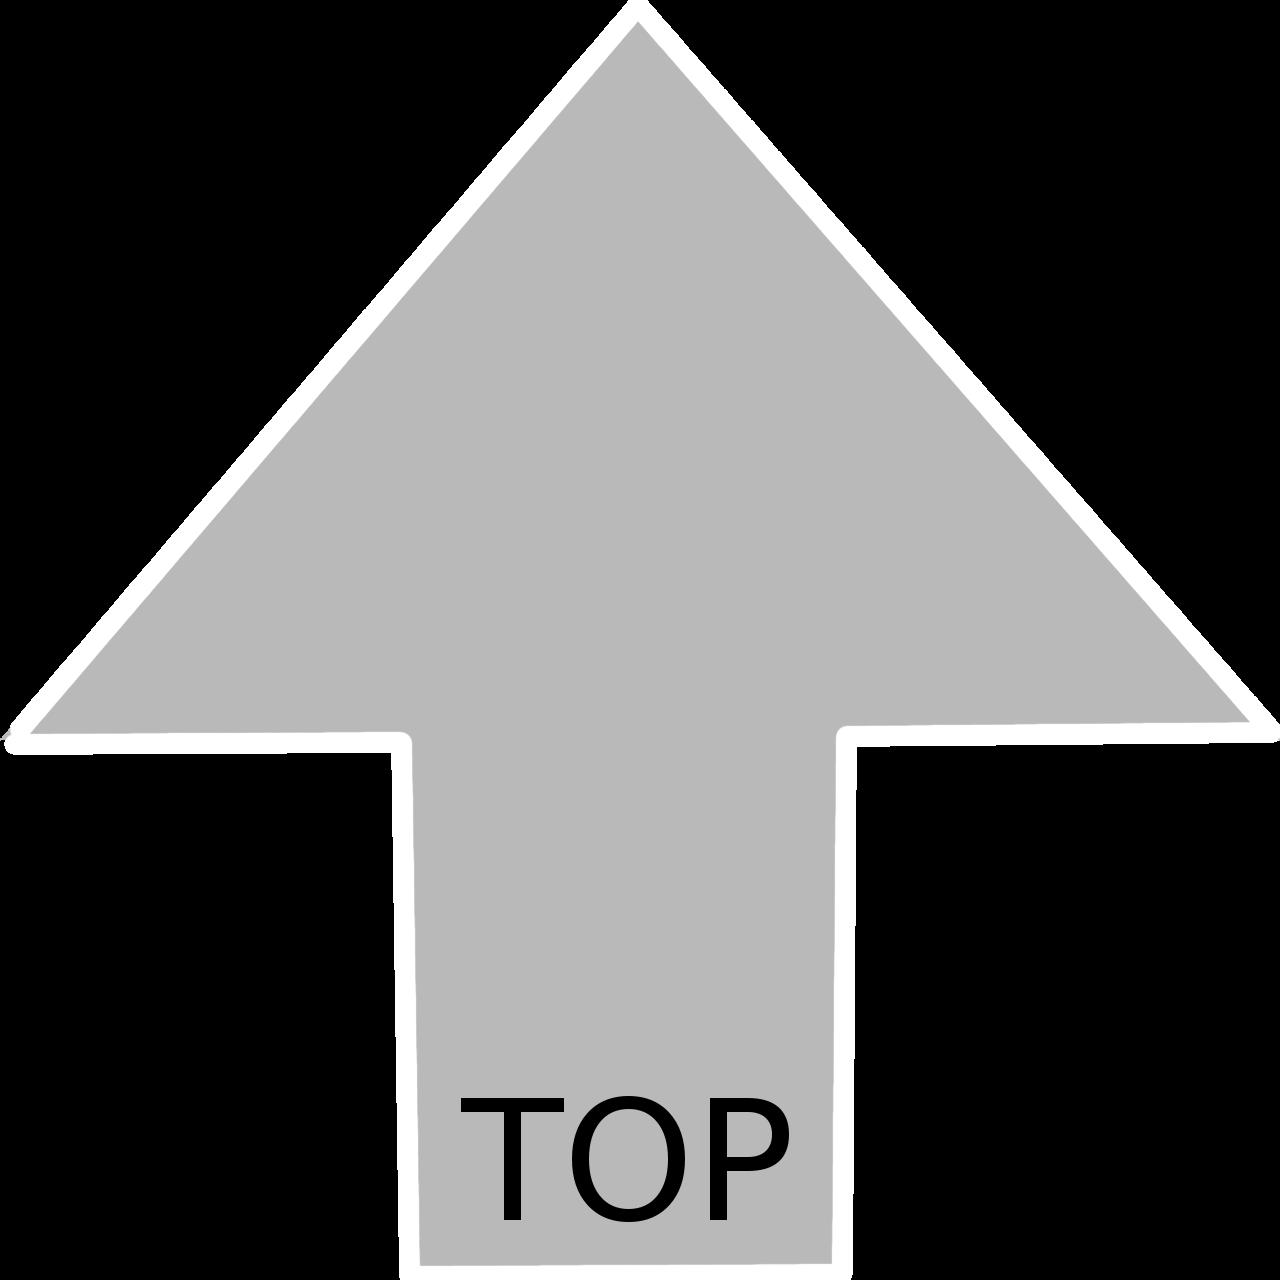 Nach oben